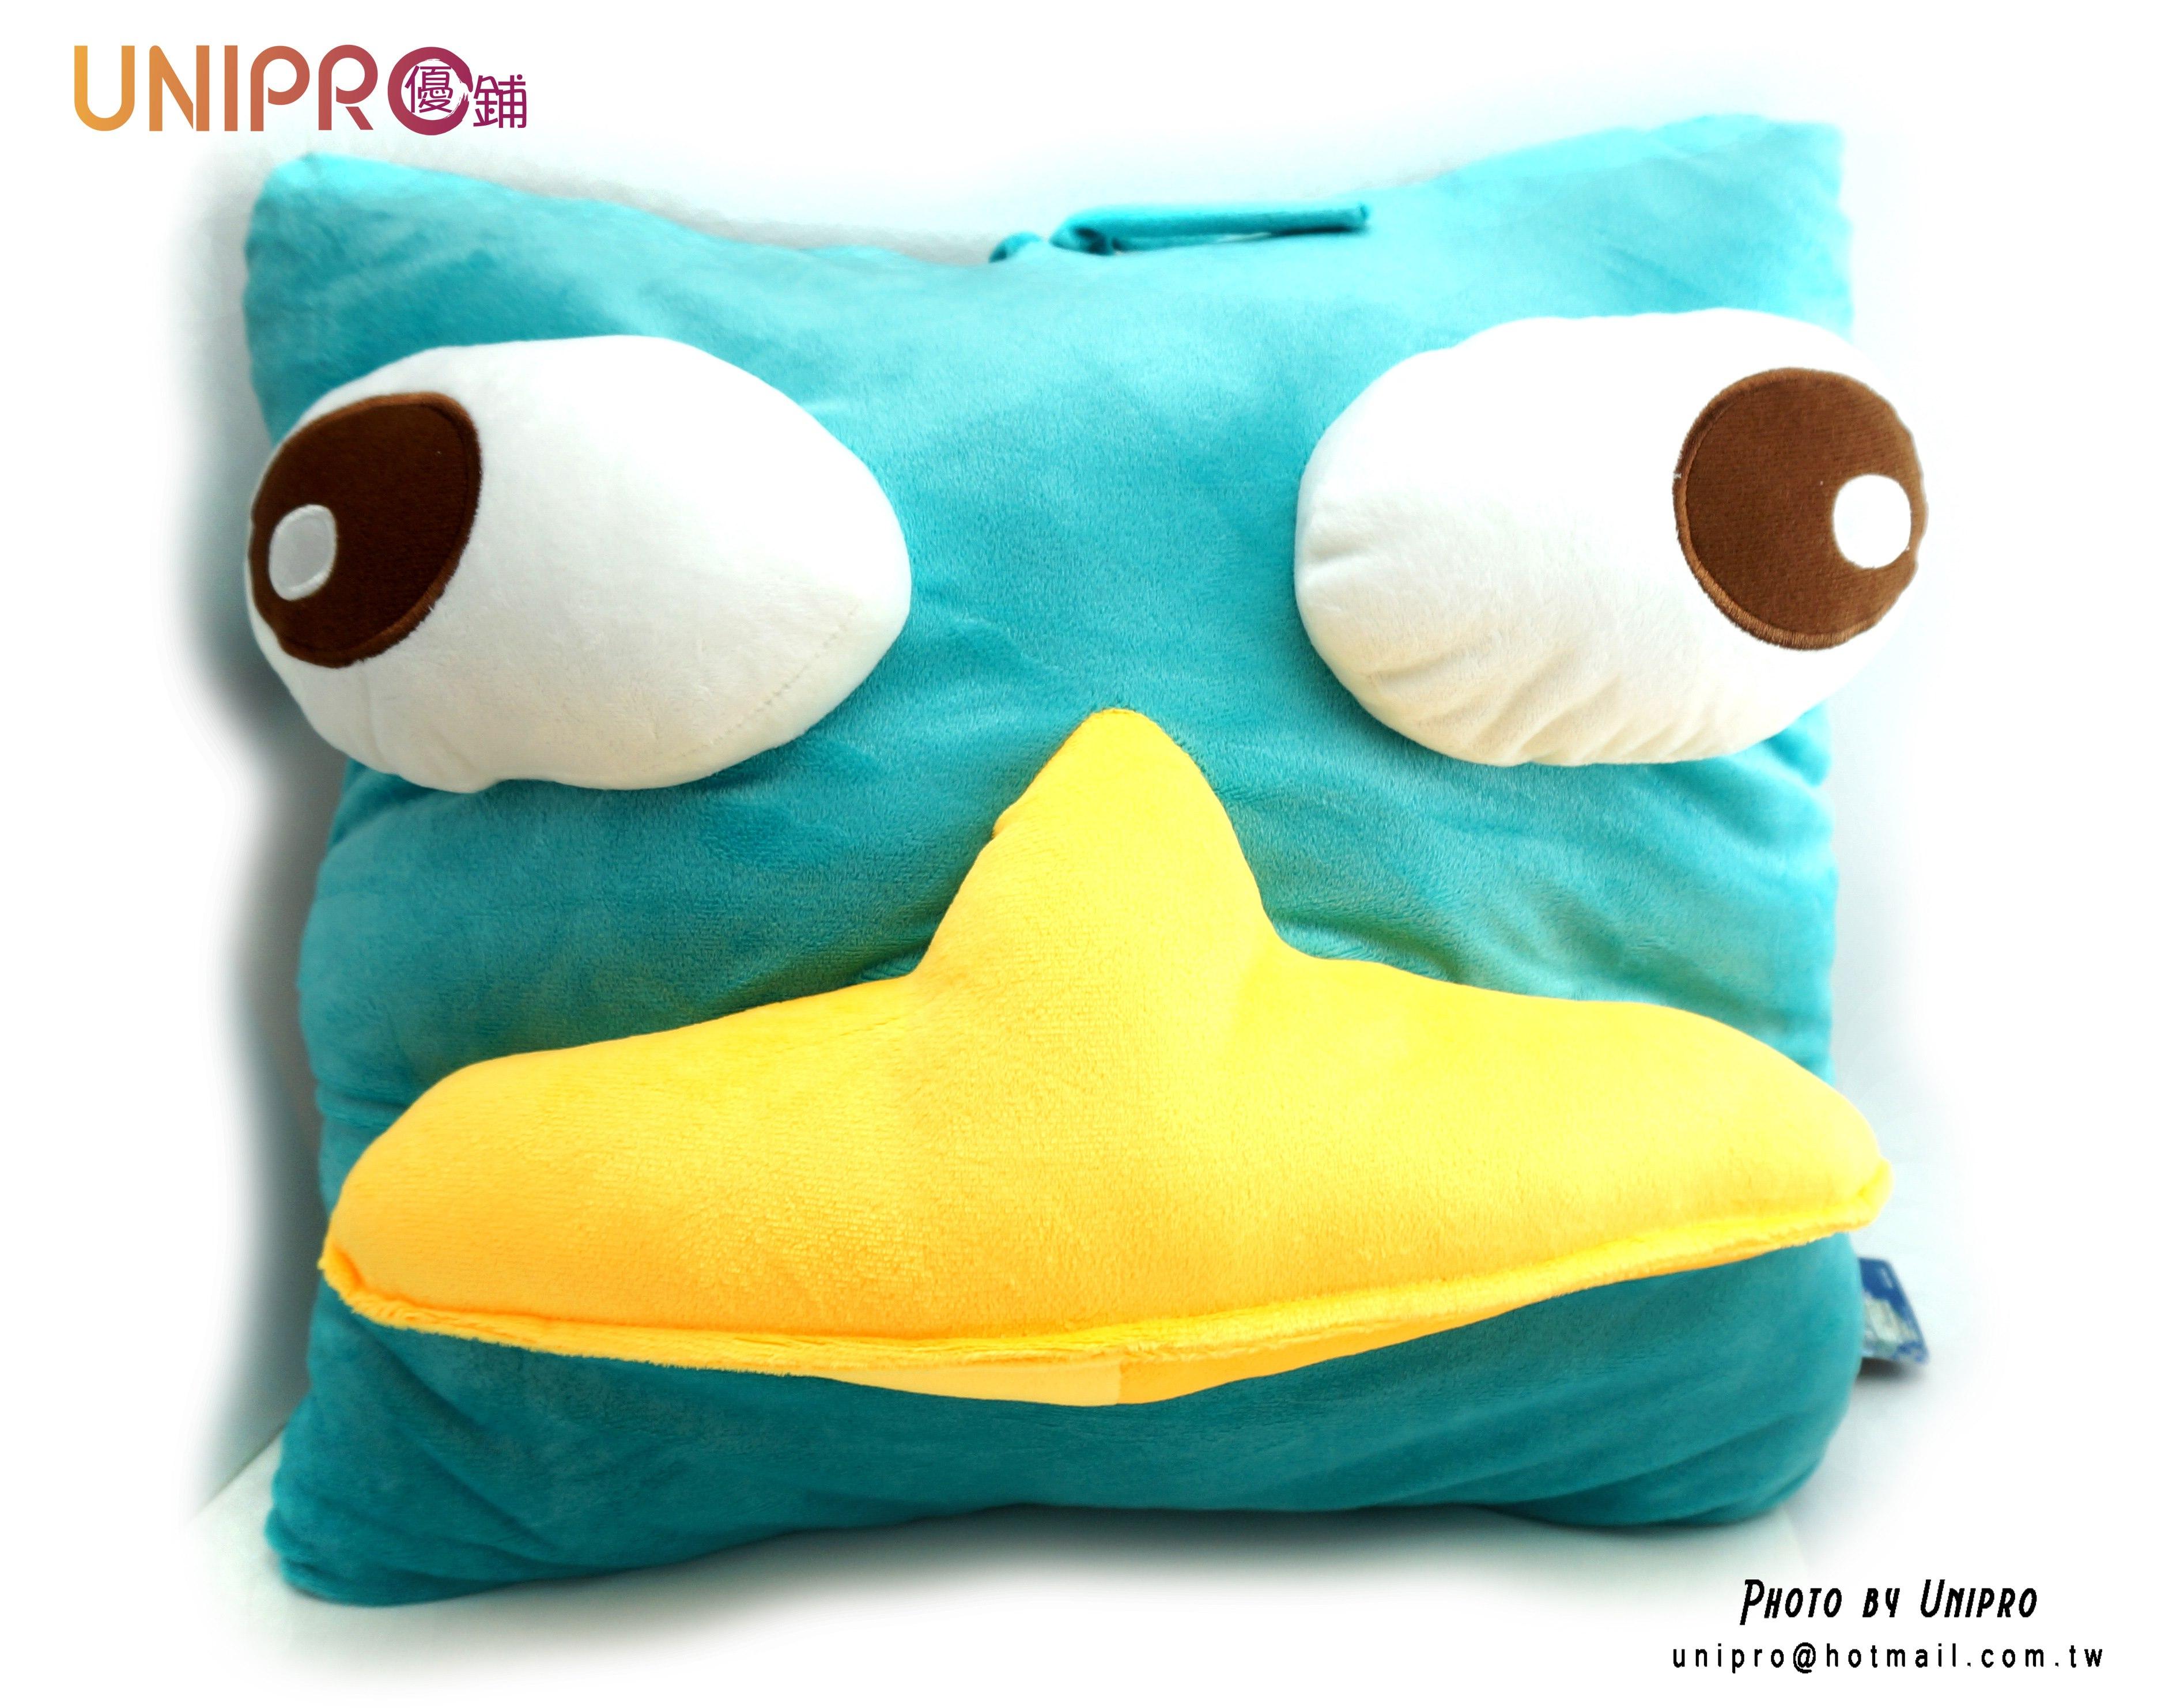 UNIPRO 迪士尼正版授權 飛哥與小佛 鴨嘴獸 泰瑞鴨 特務P 立體方枕 玩偶 娃娃 12吋